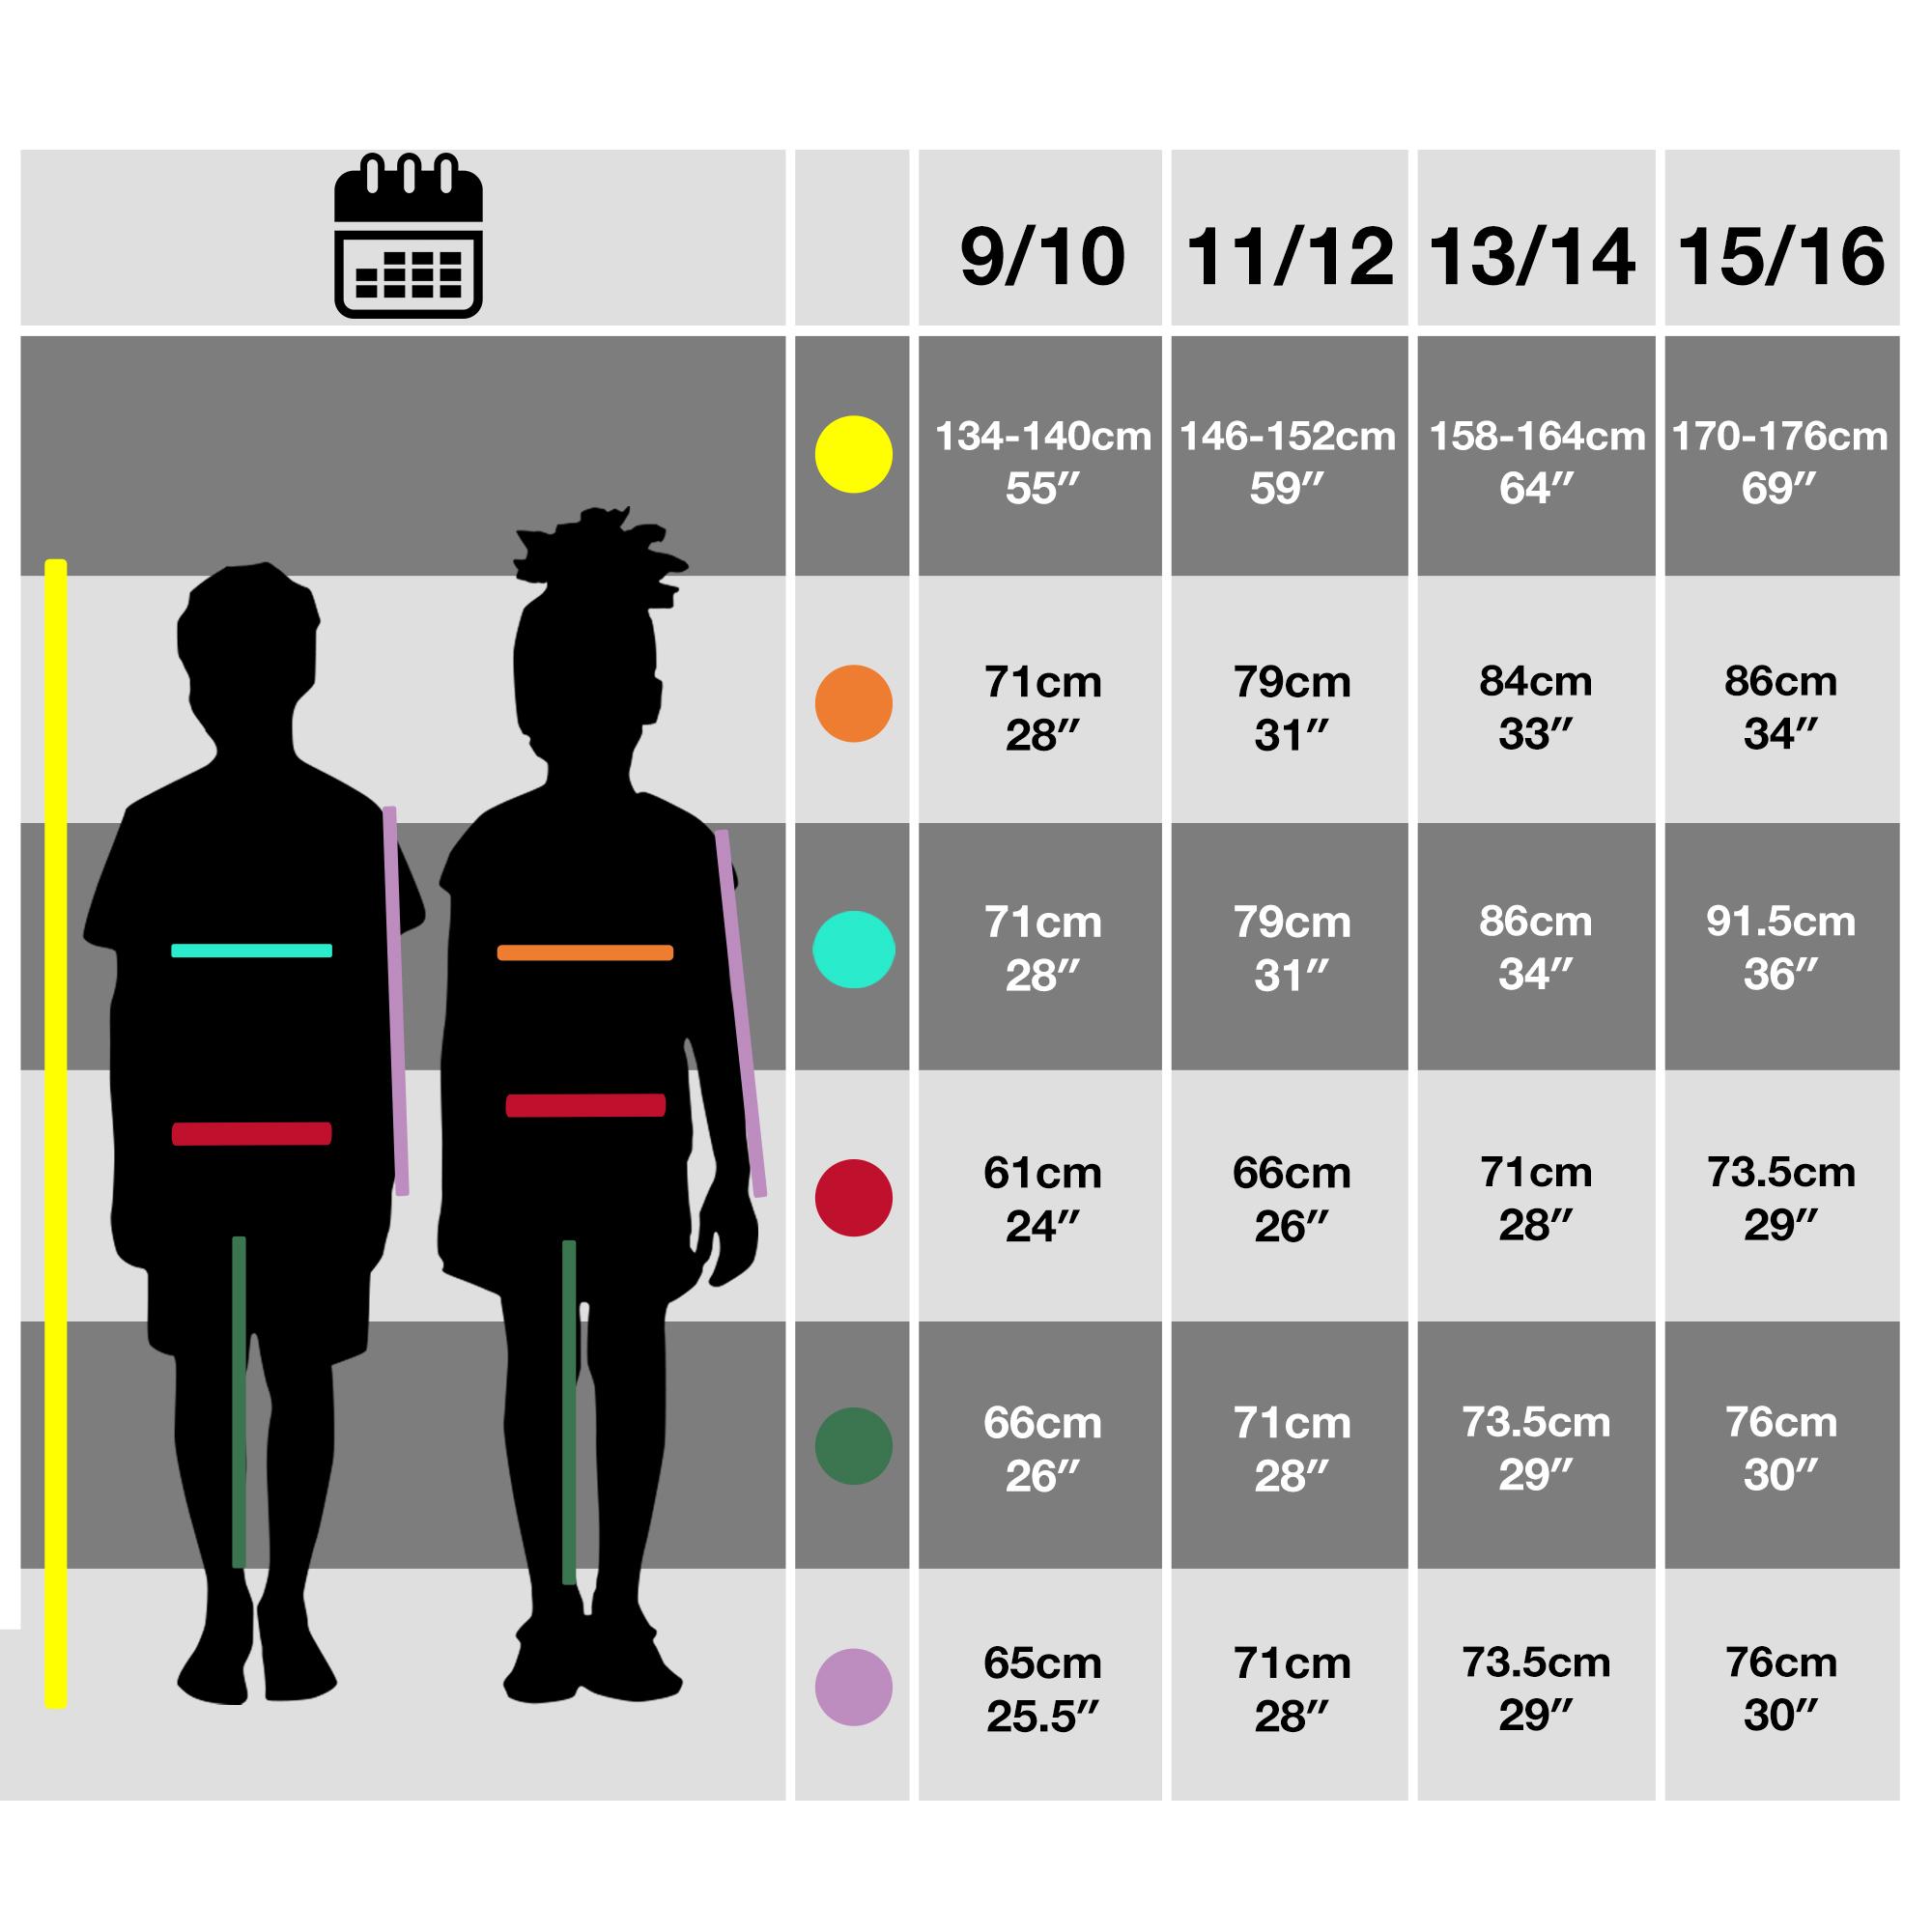 Trespass-Kids-Unisex-Packa-Packaway-Waterproof-Trousers